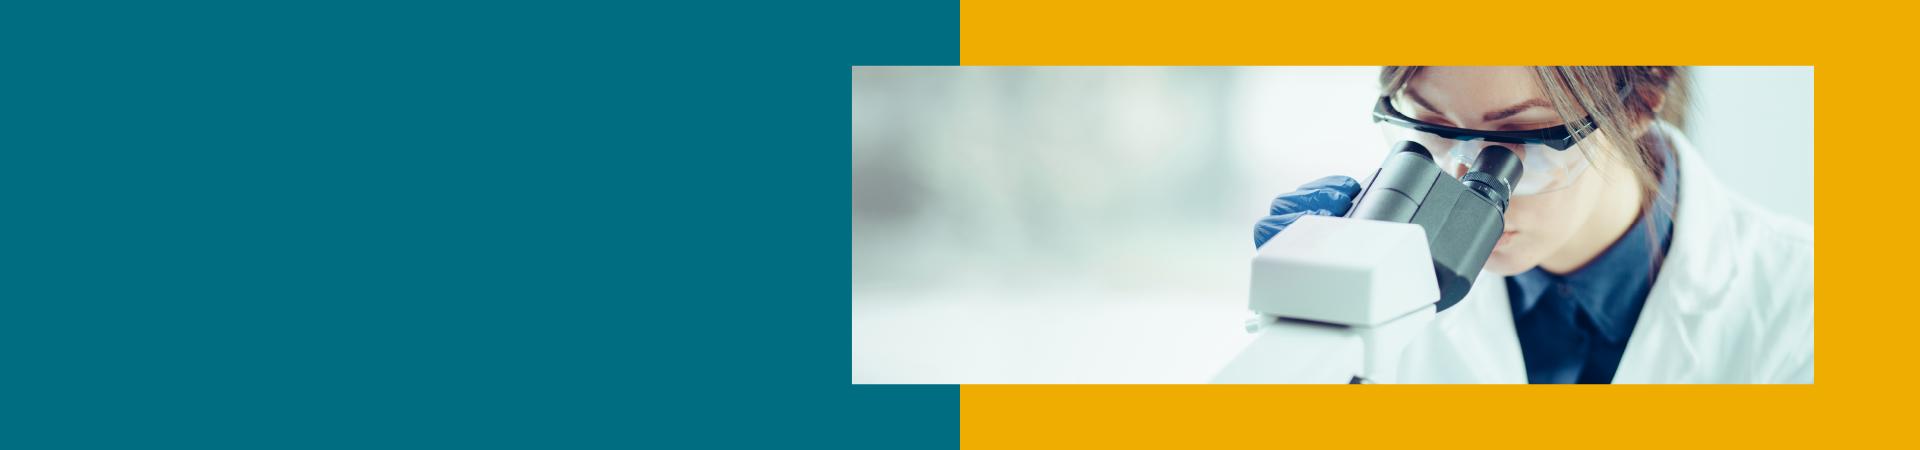 Banner de topo interno - Mestrados e Doutorados